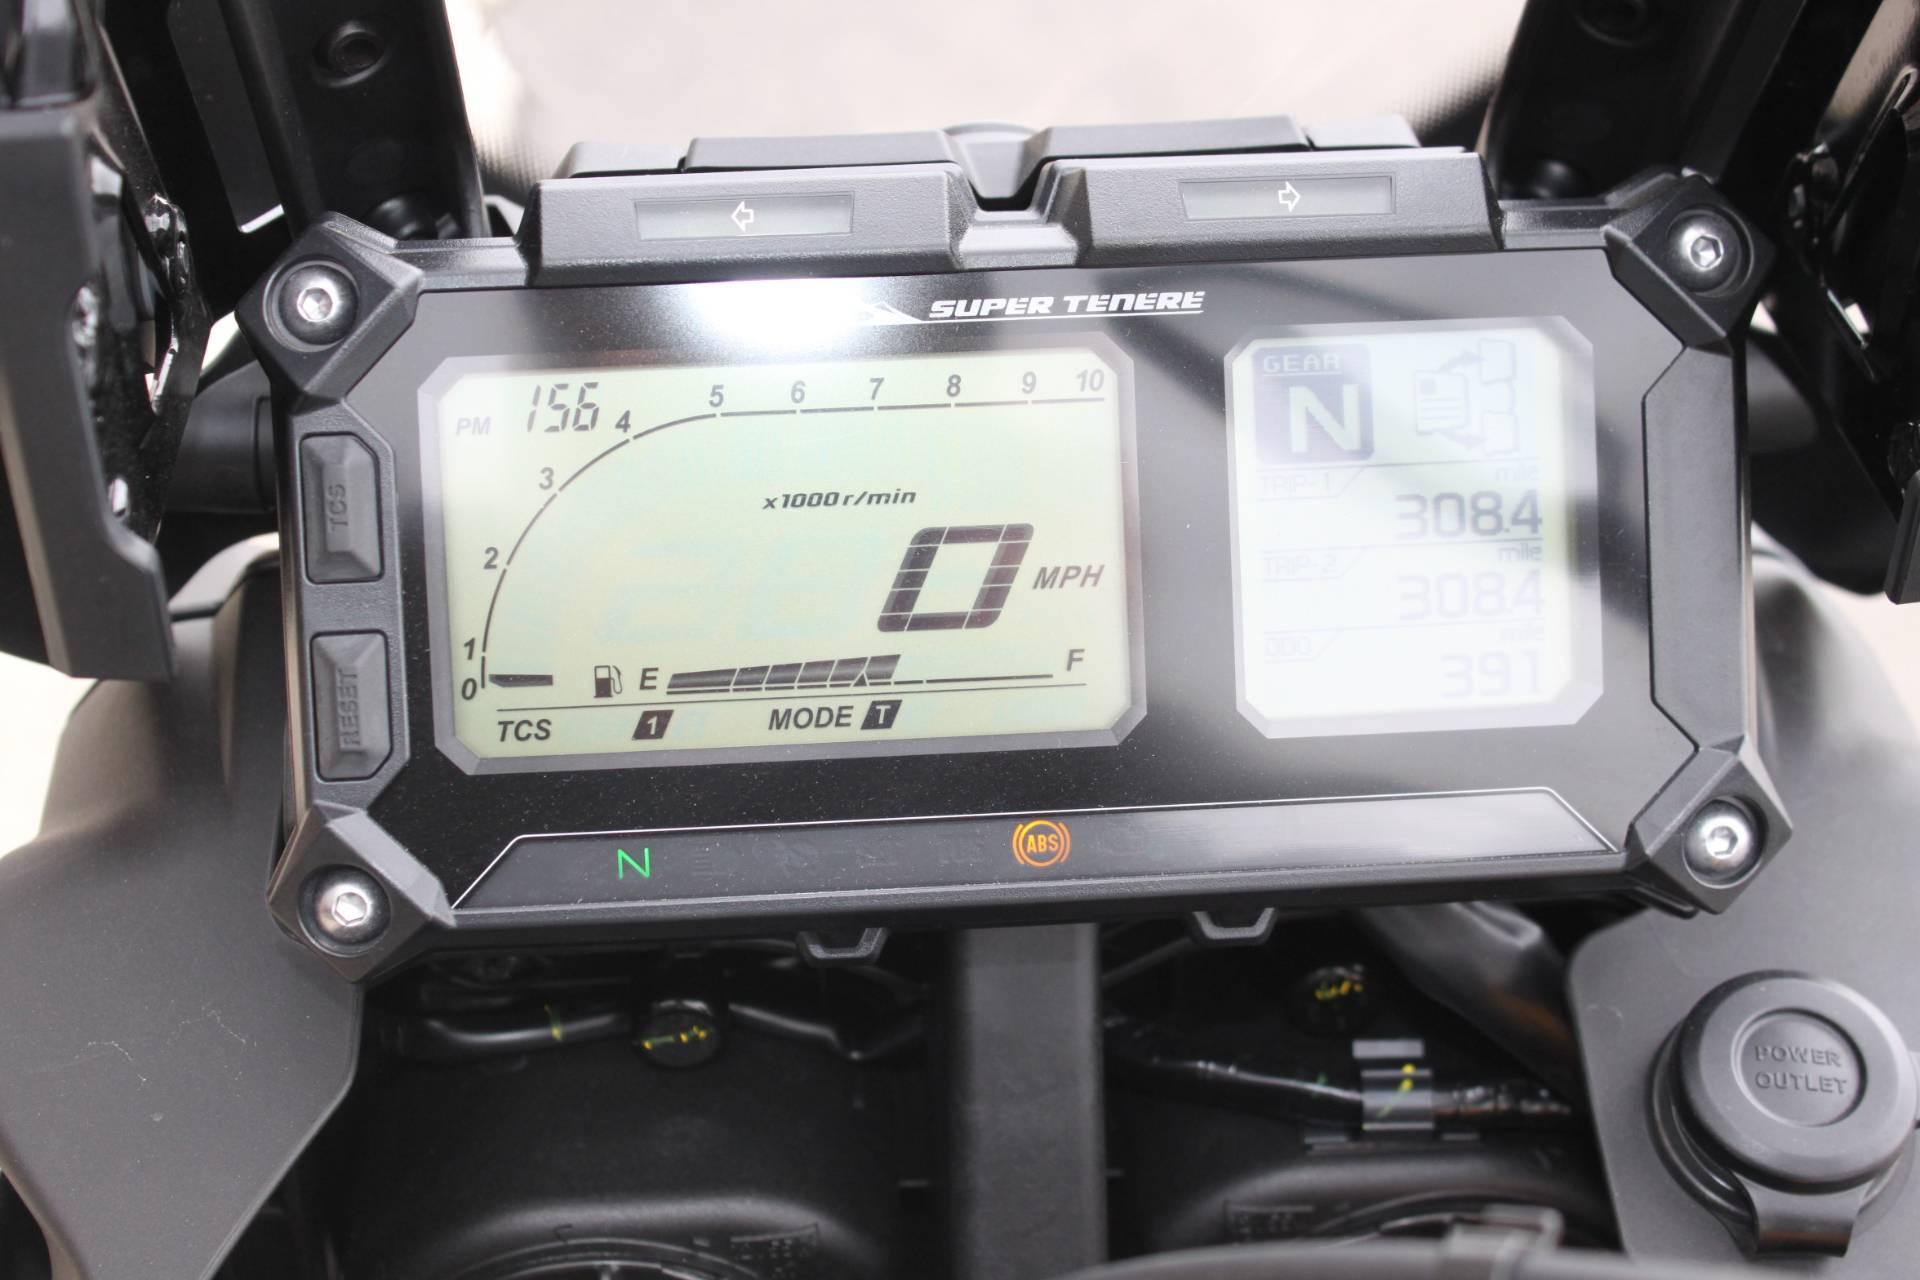 2016 Yamaha Super Tenere ES 9